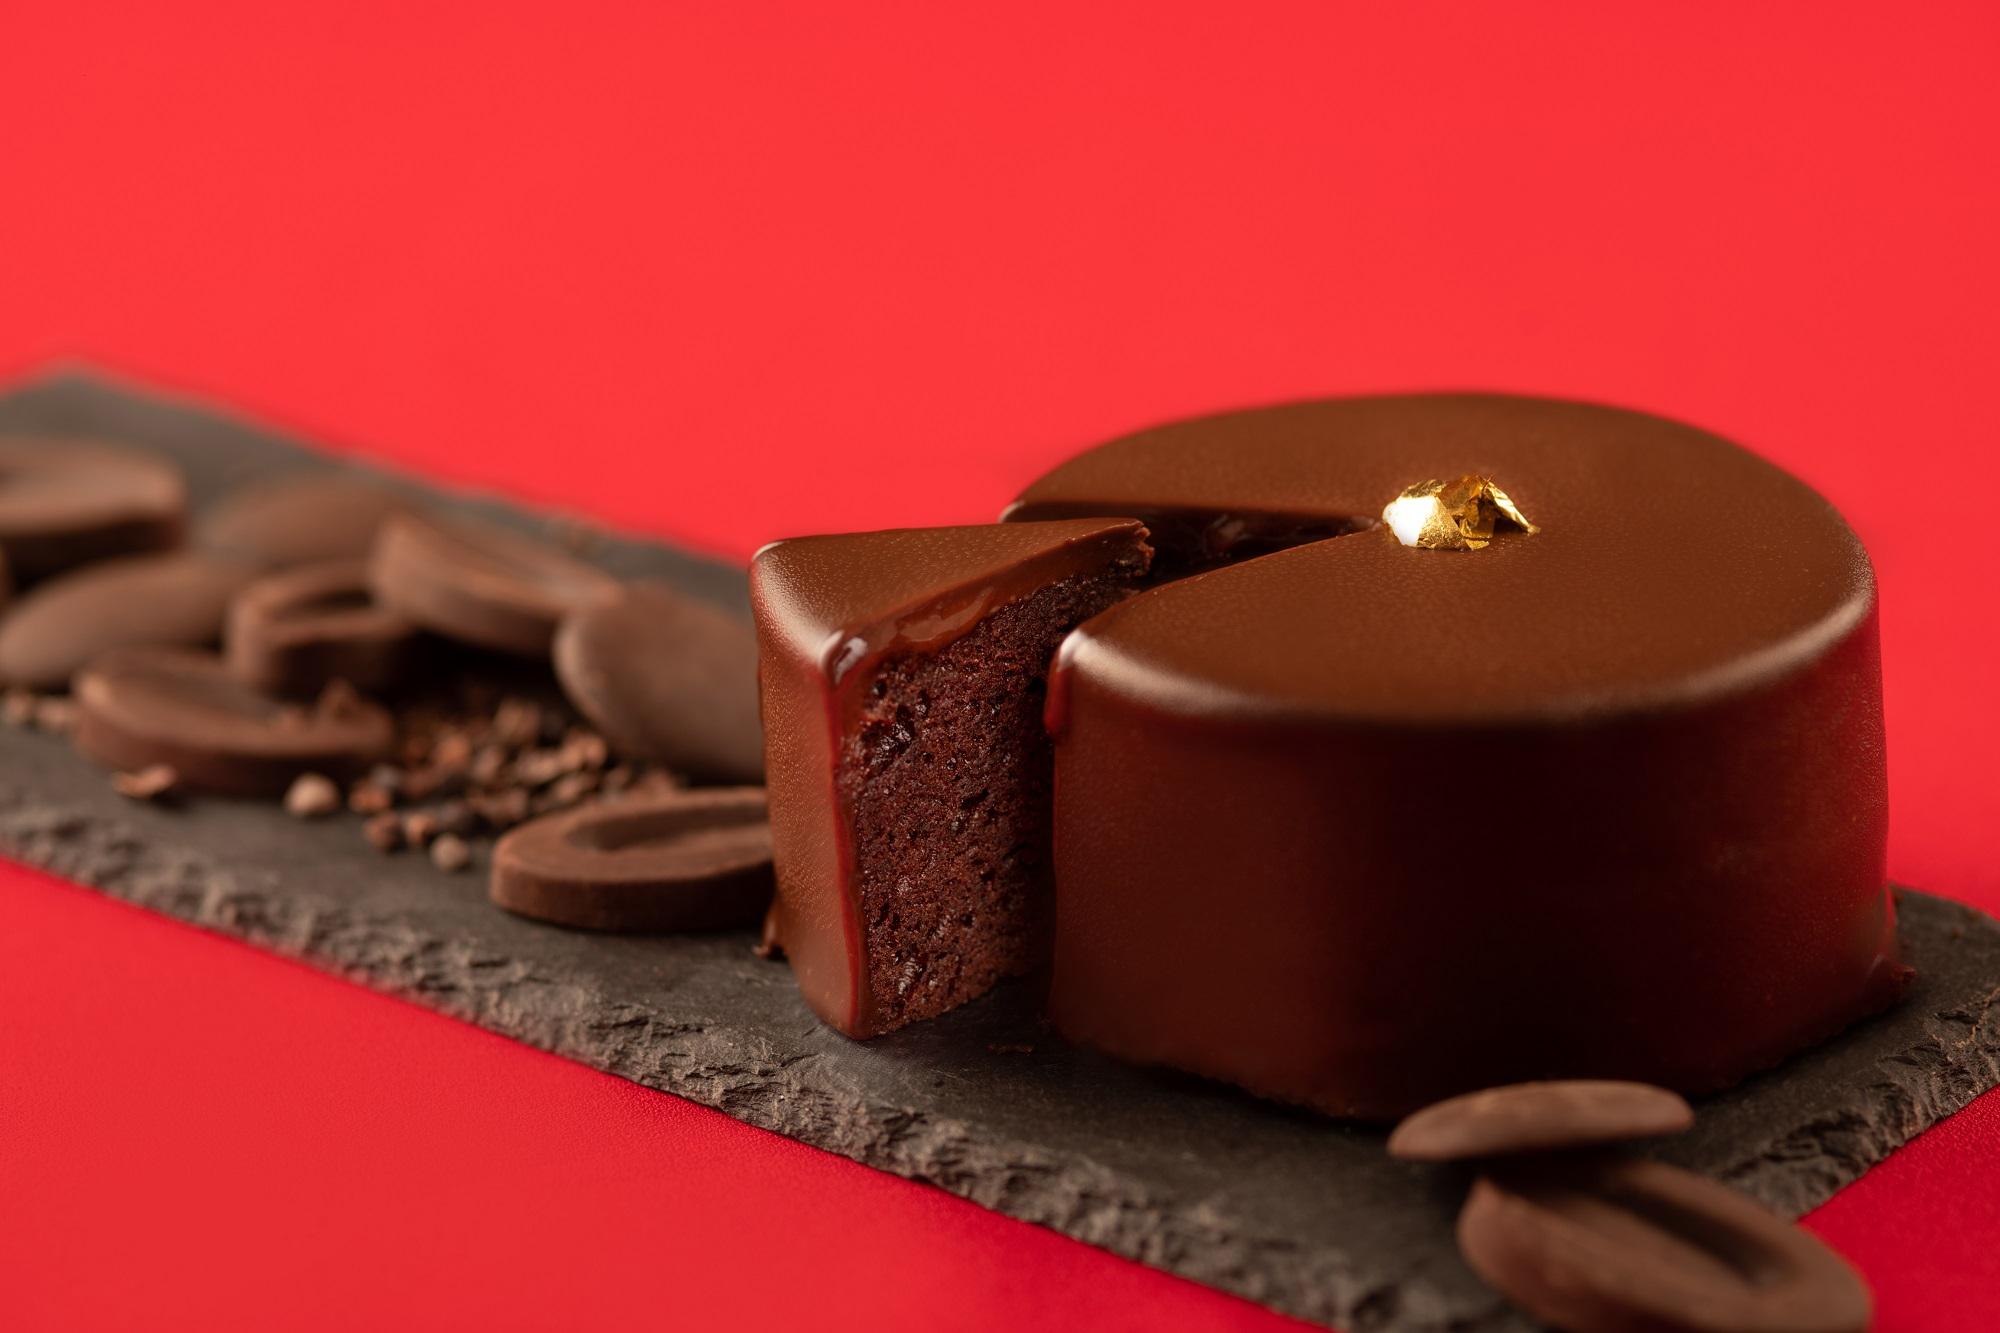 バレンタインにホテルメイドのショコラはいかが?名古屋東急ホテルで「Saint-Valentin Chocolat」が開催 - f7871c42bc815f21cfbb7f3d400ba19b